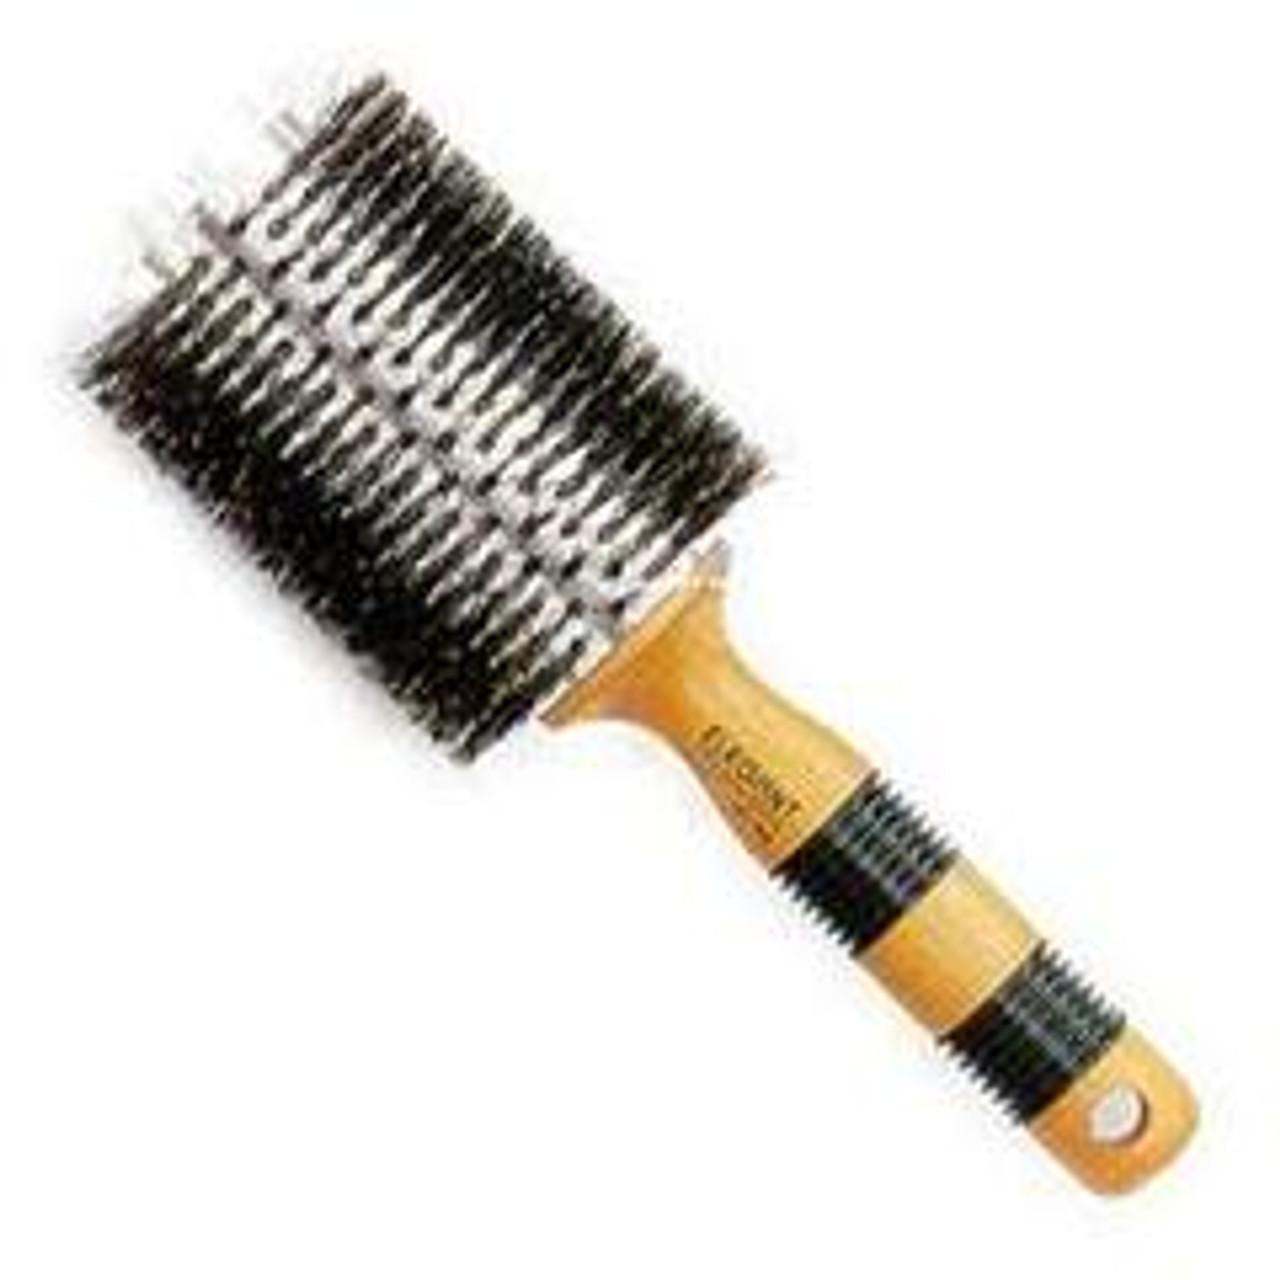 V Shaped Thermal Large Brush - Hair Tools | Elegant